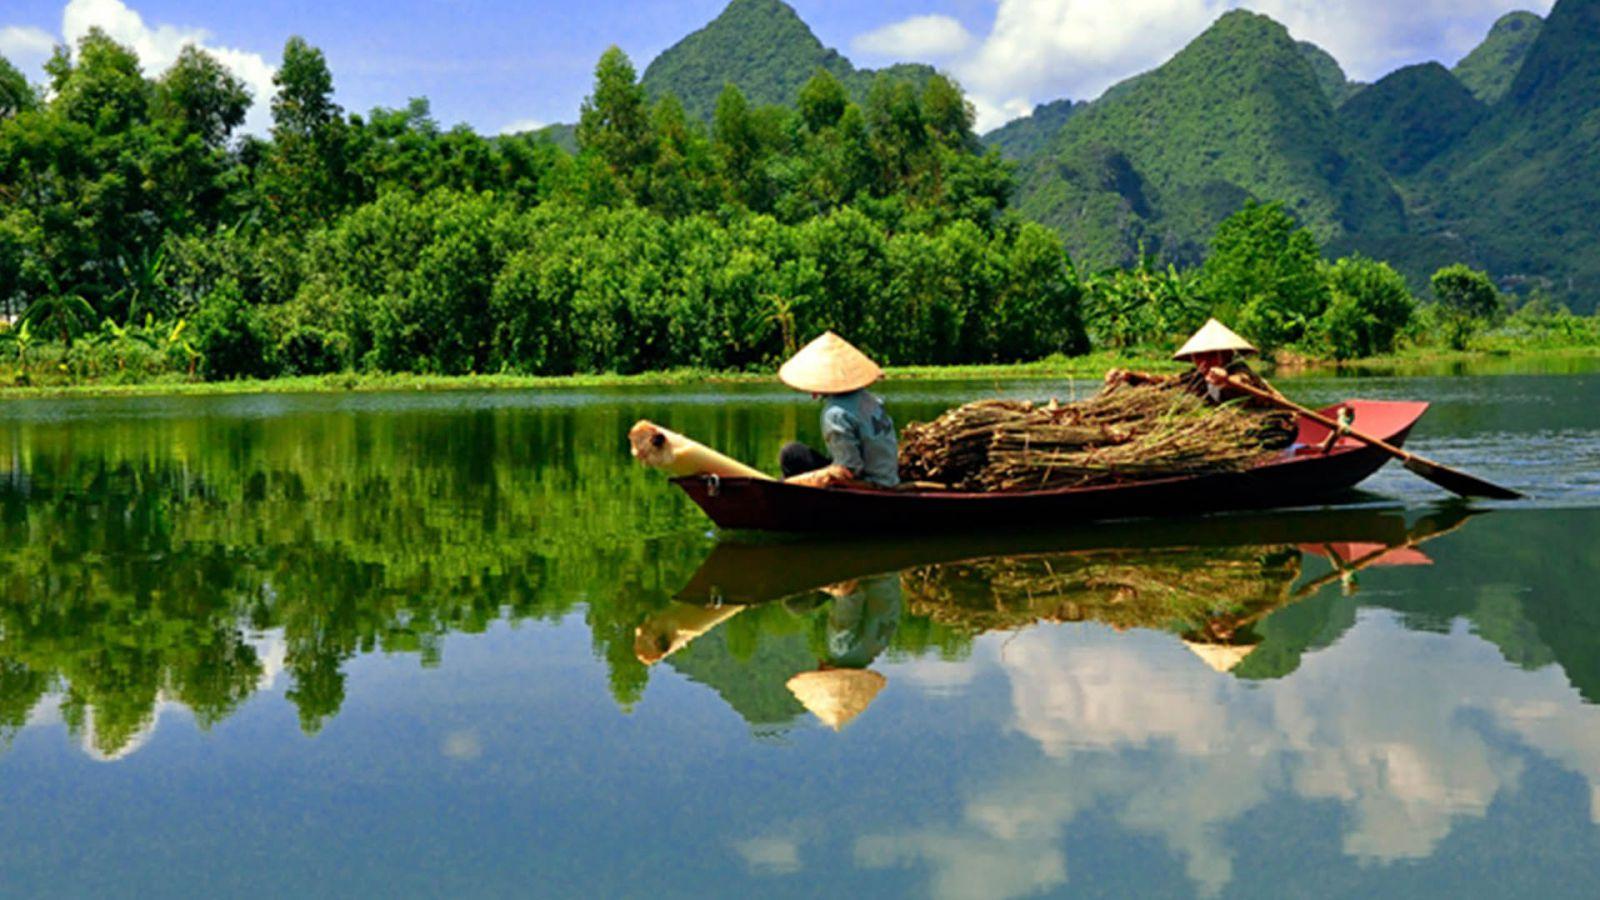 поселке вьетнам прикольные картинки с надписью часто используют